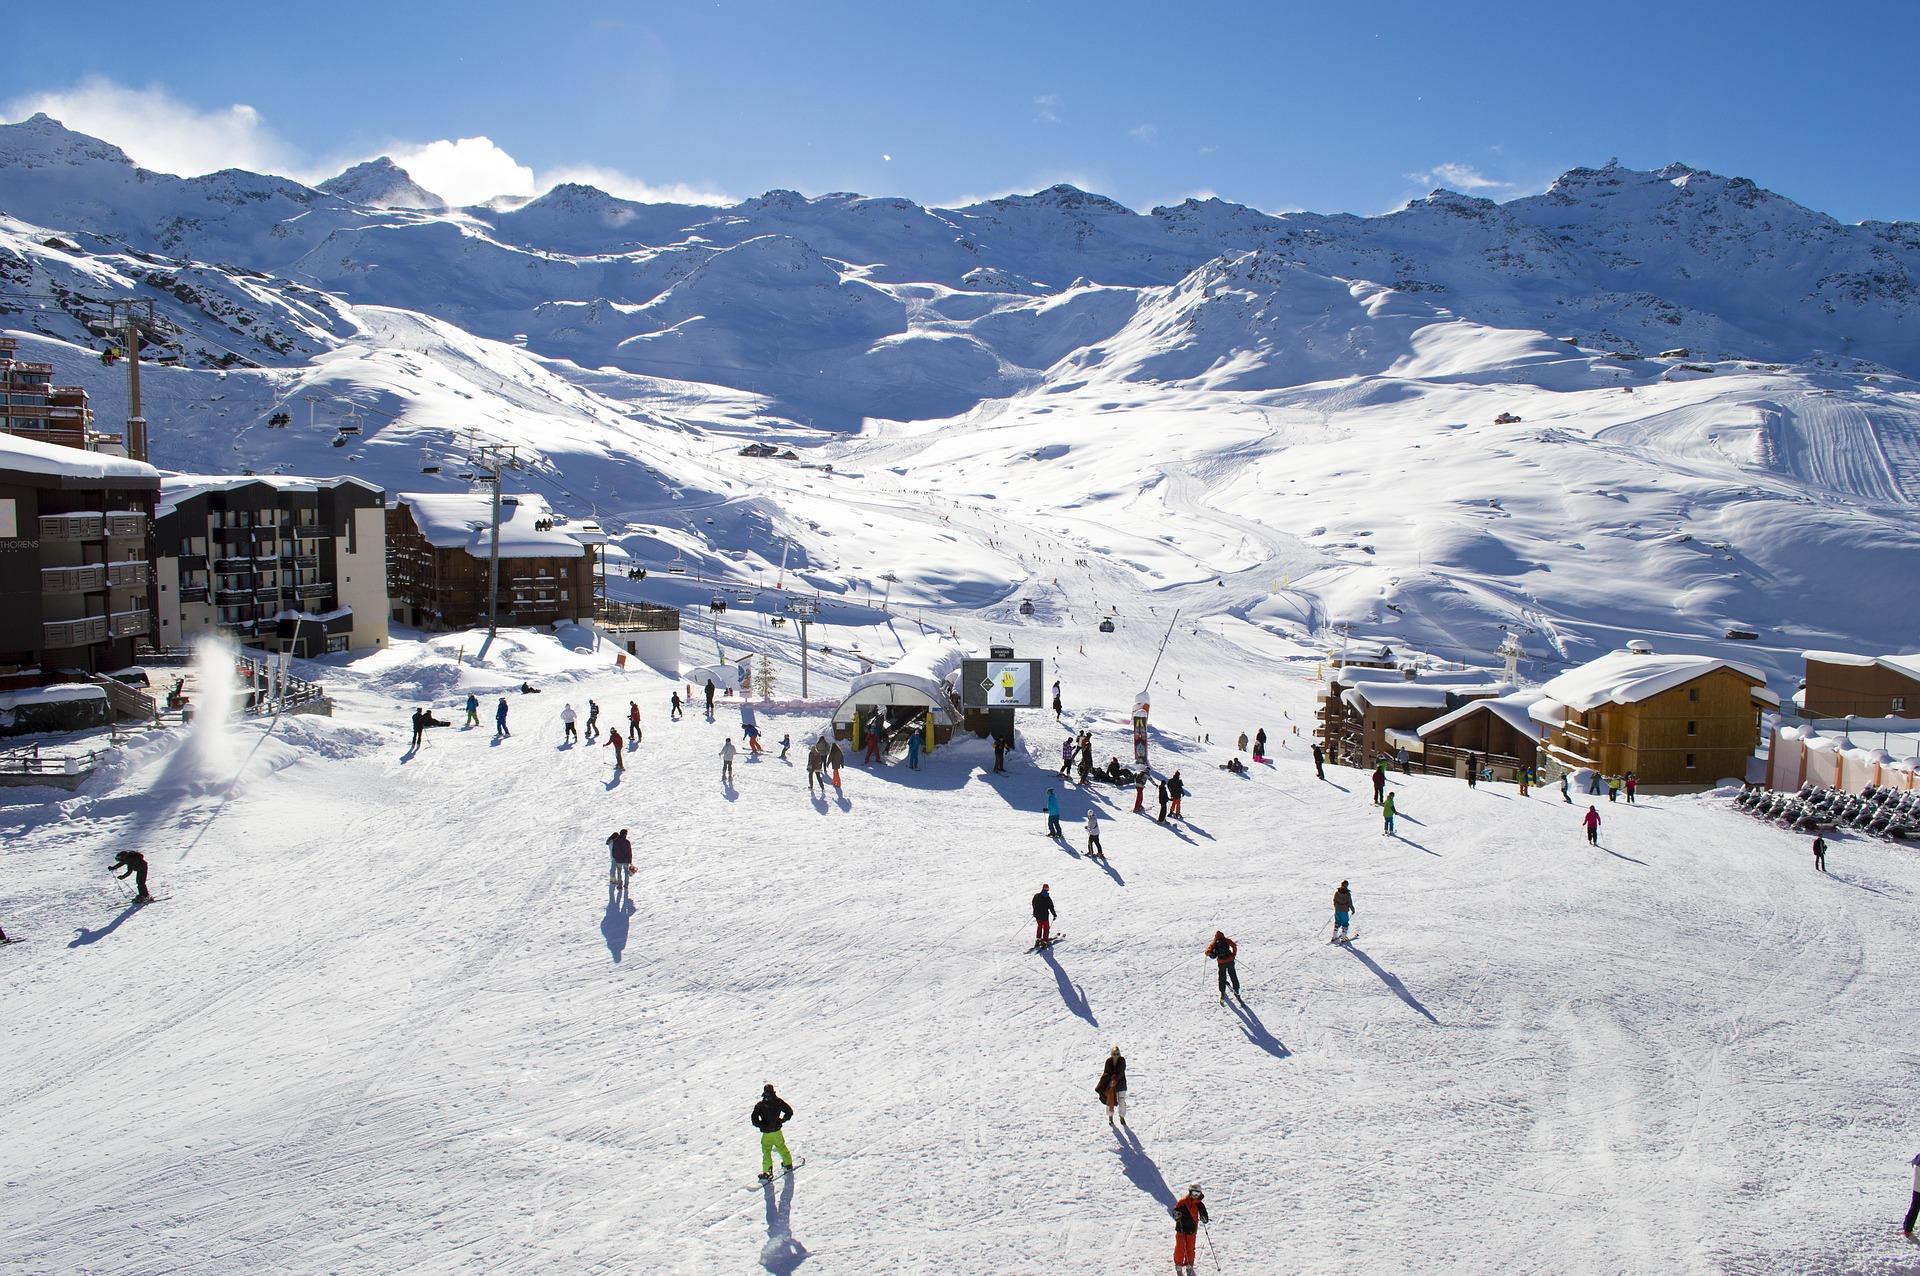 Wo sind die besten Skiegebiete in der Schweiz - Billig oder Luxus